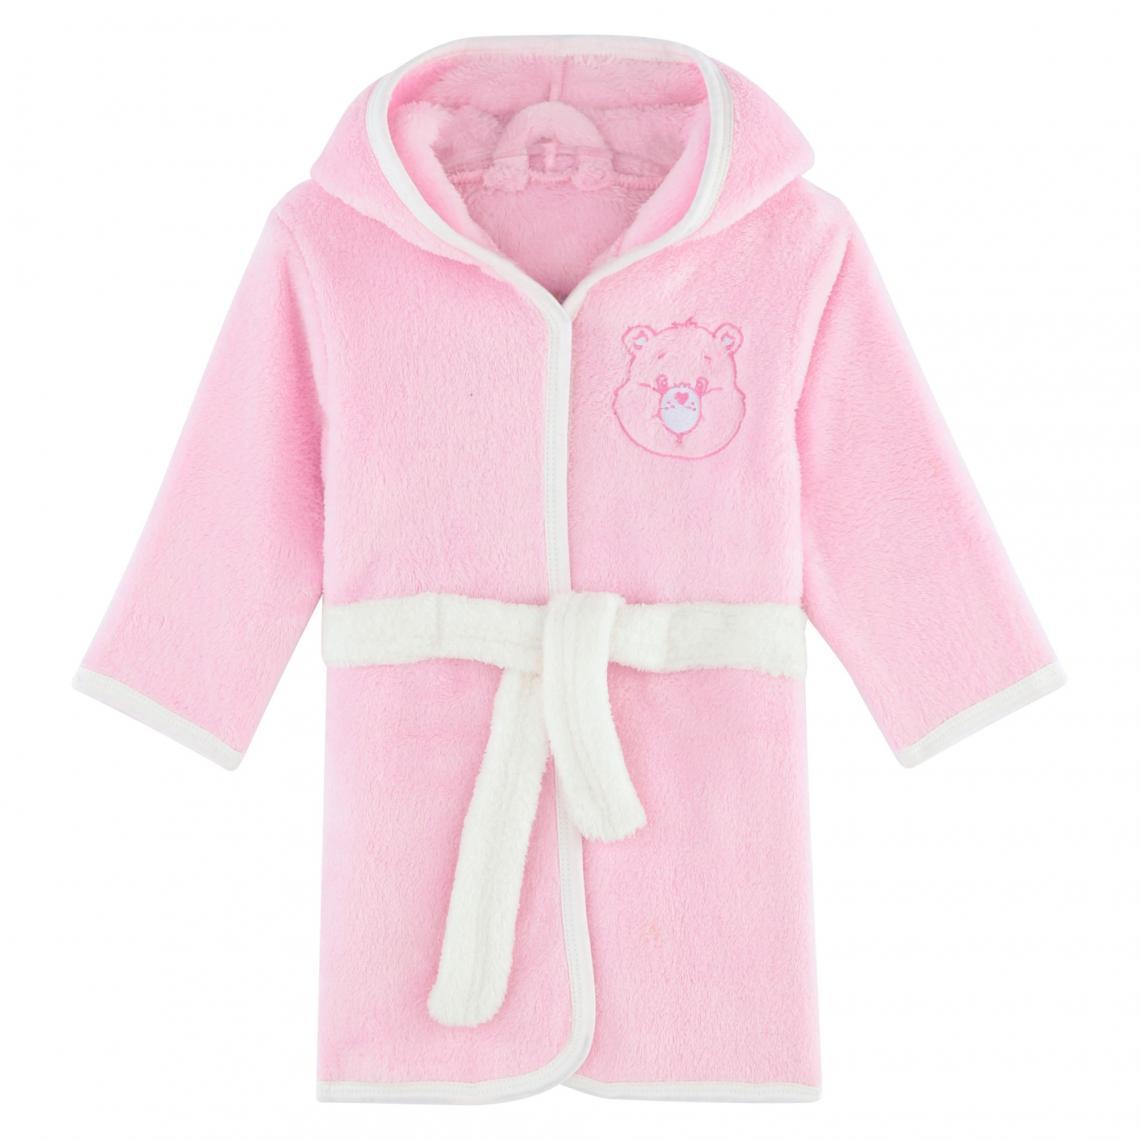 Robe de chambre � capuche fille Bisounours - Rose - 3Suisses